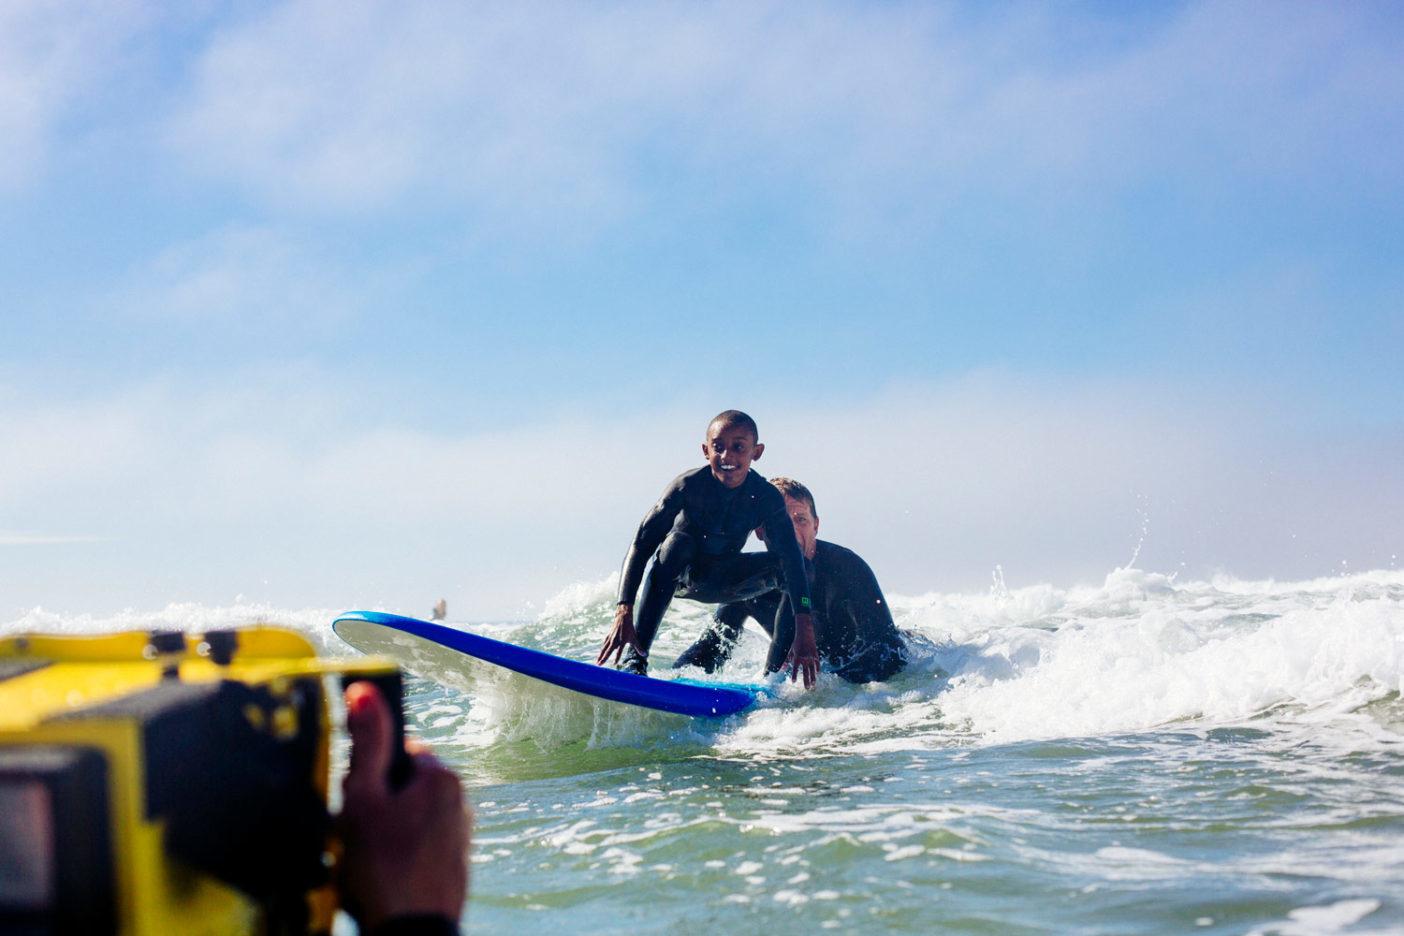 オーシャン・ビーチの波をシェアするエディとアンソニー。Photo: Donnie Hedden